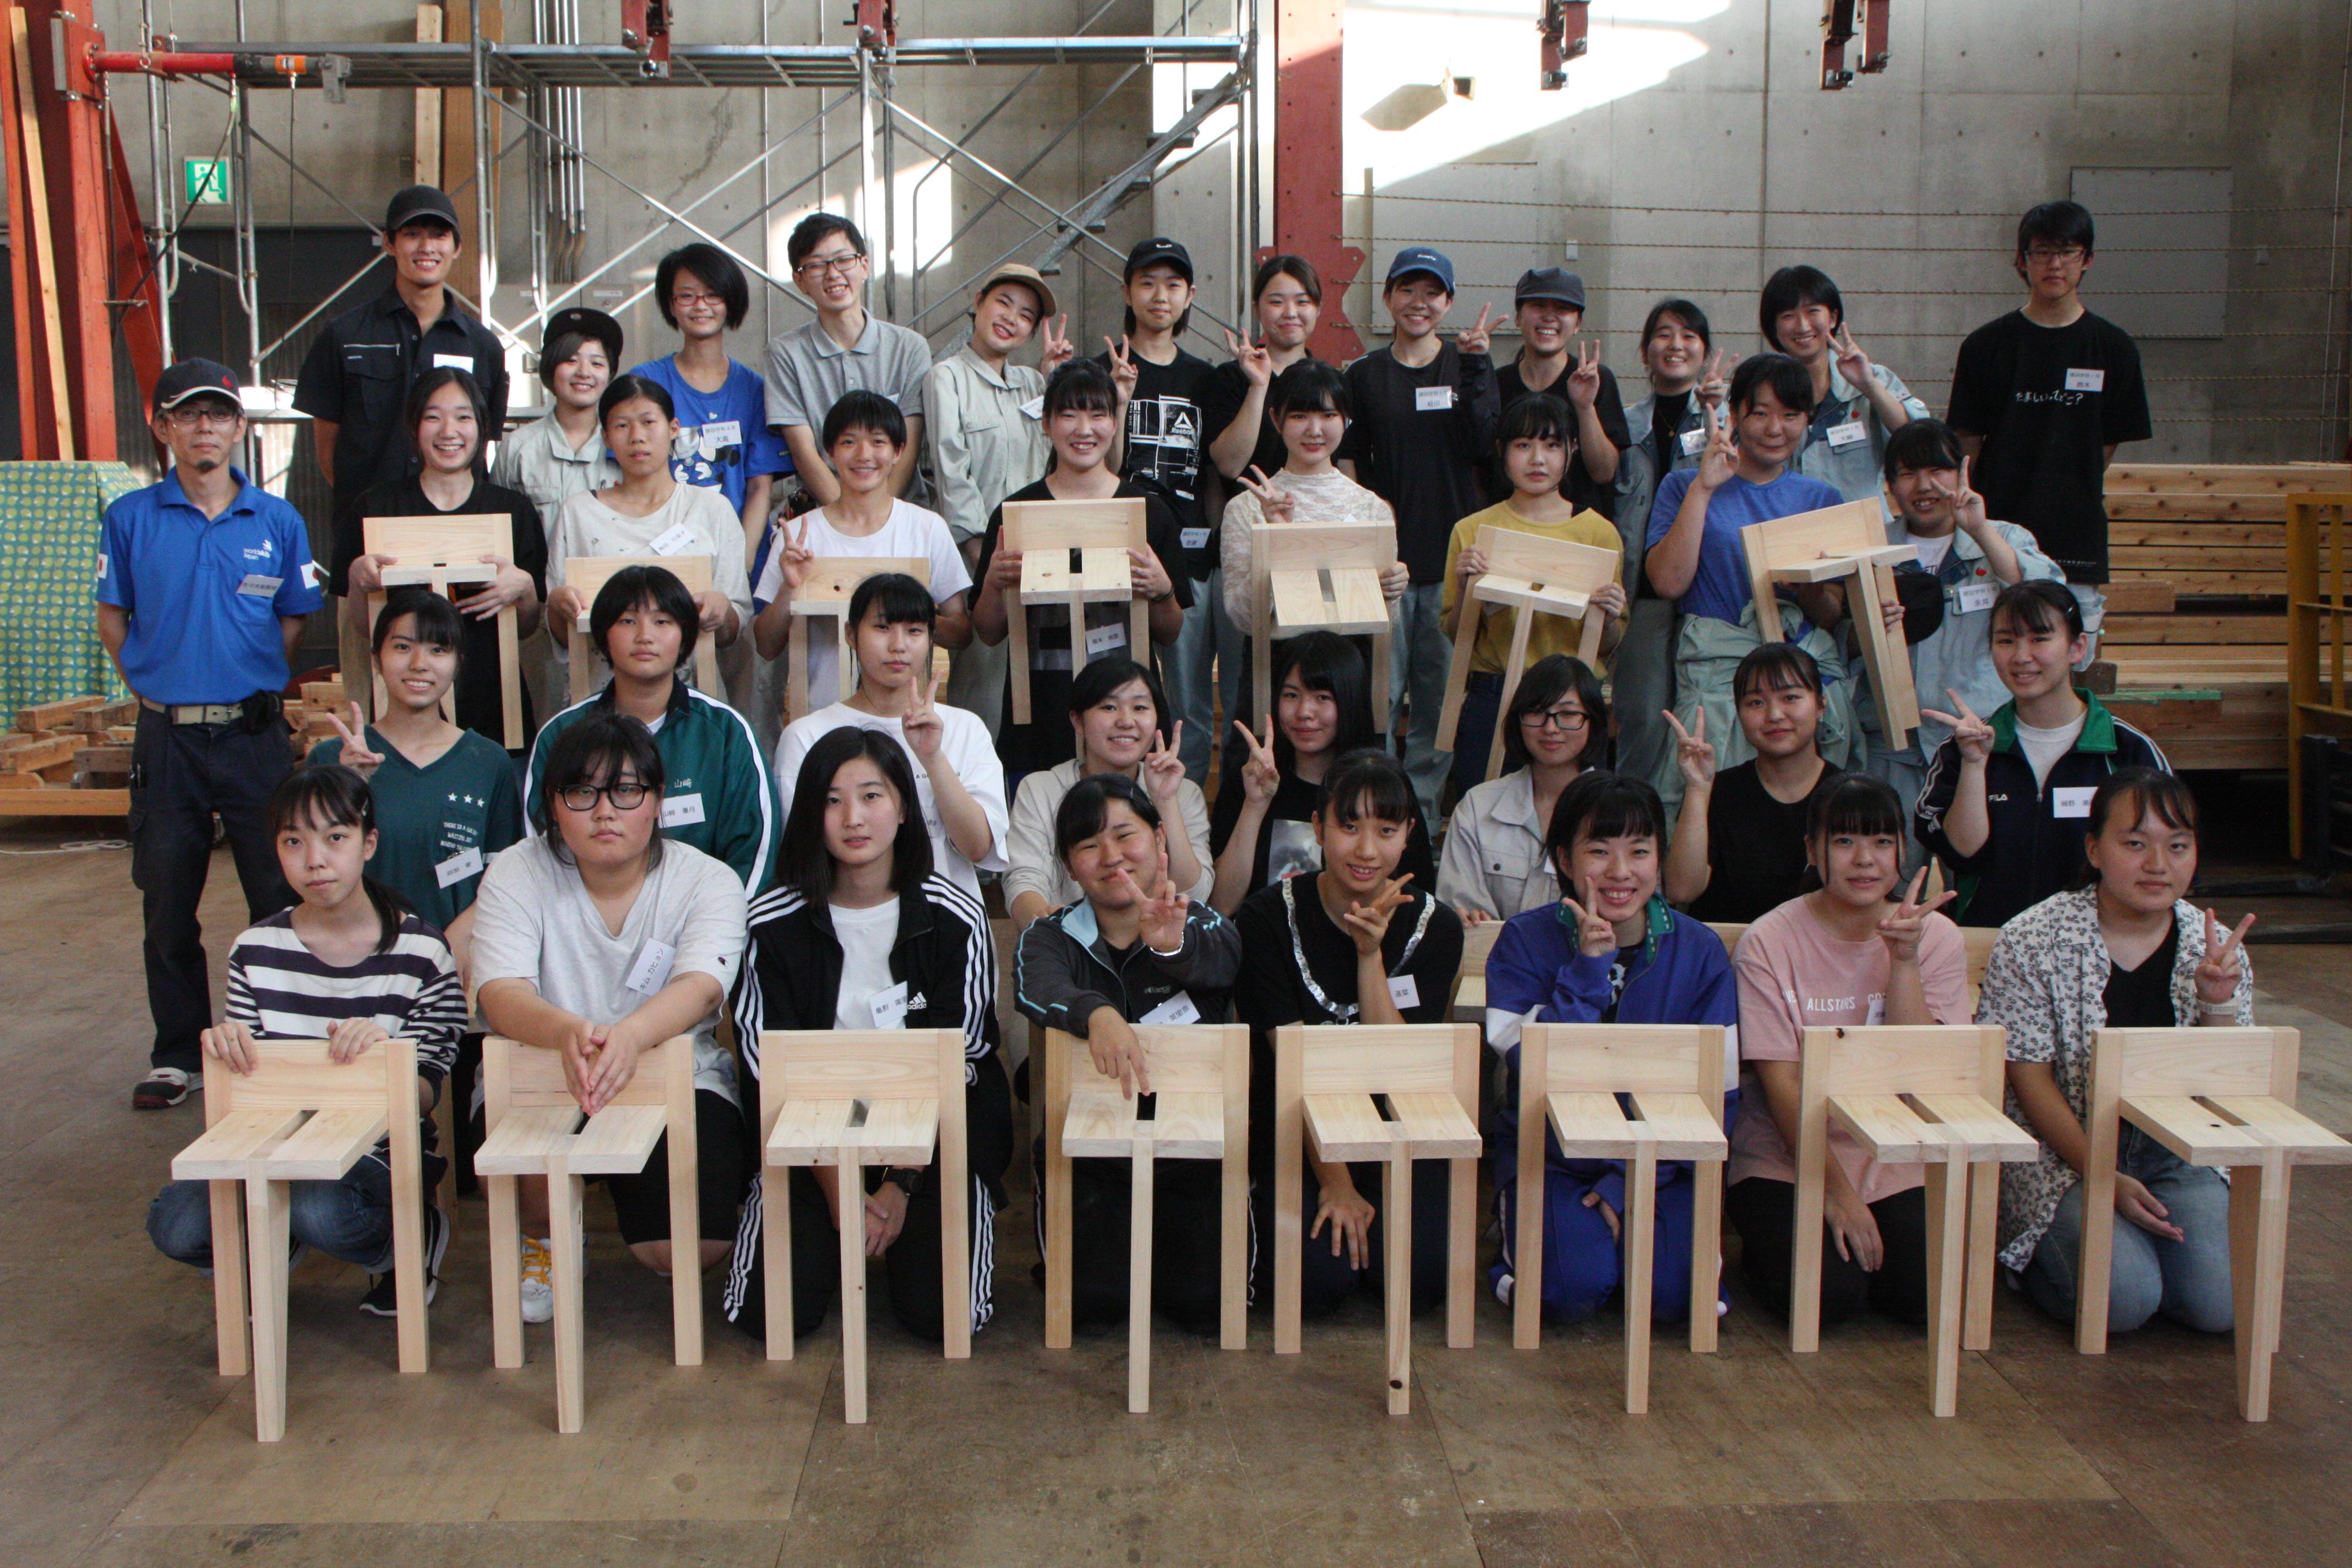 女子高校生のための実習体験教室を実施